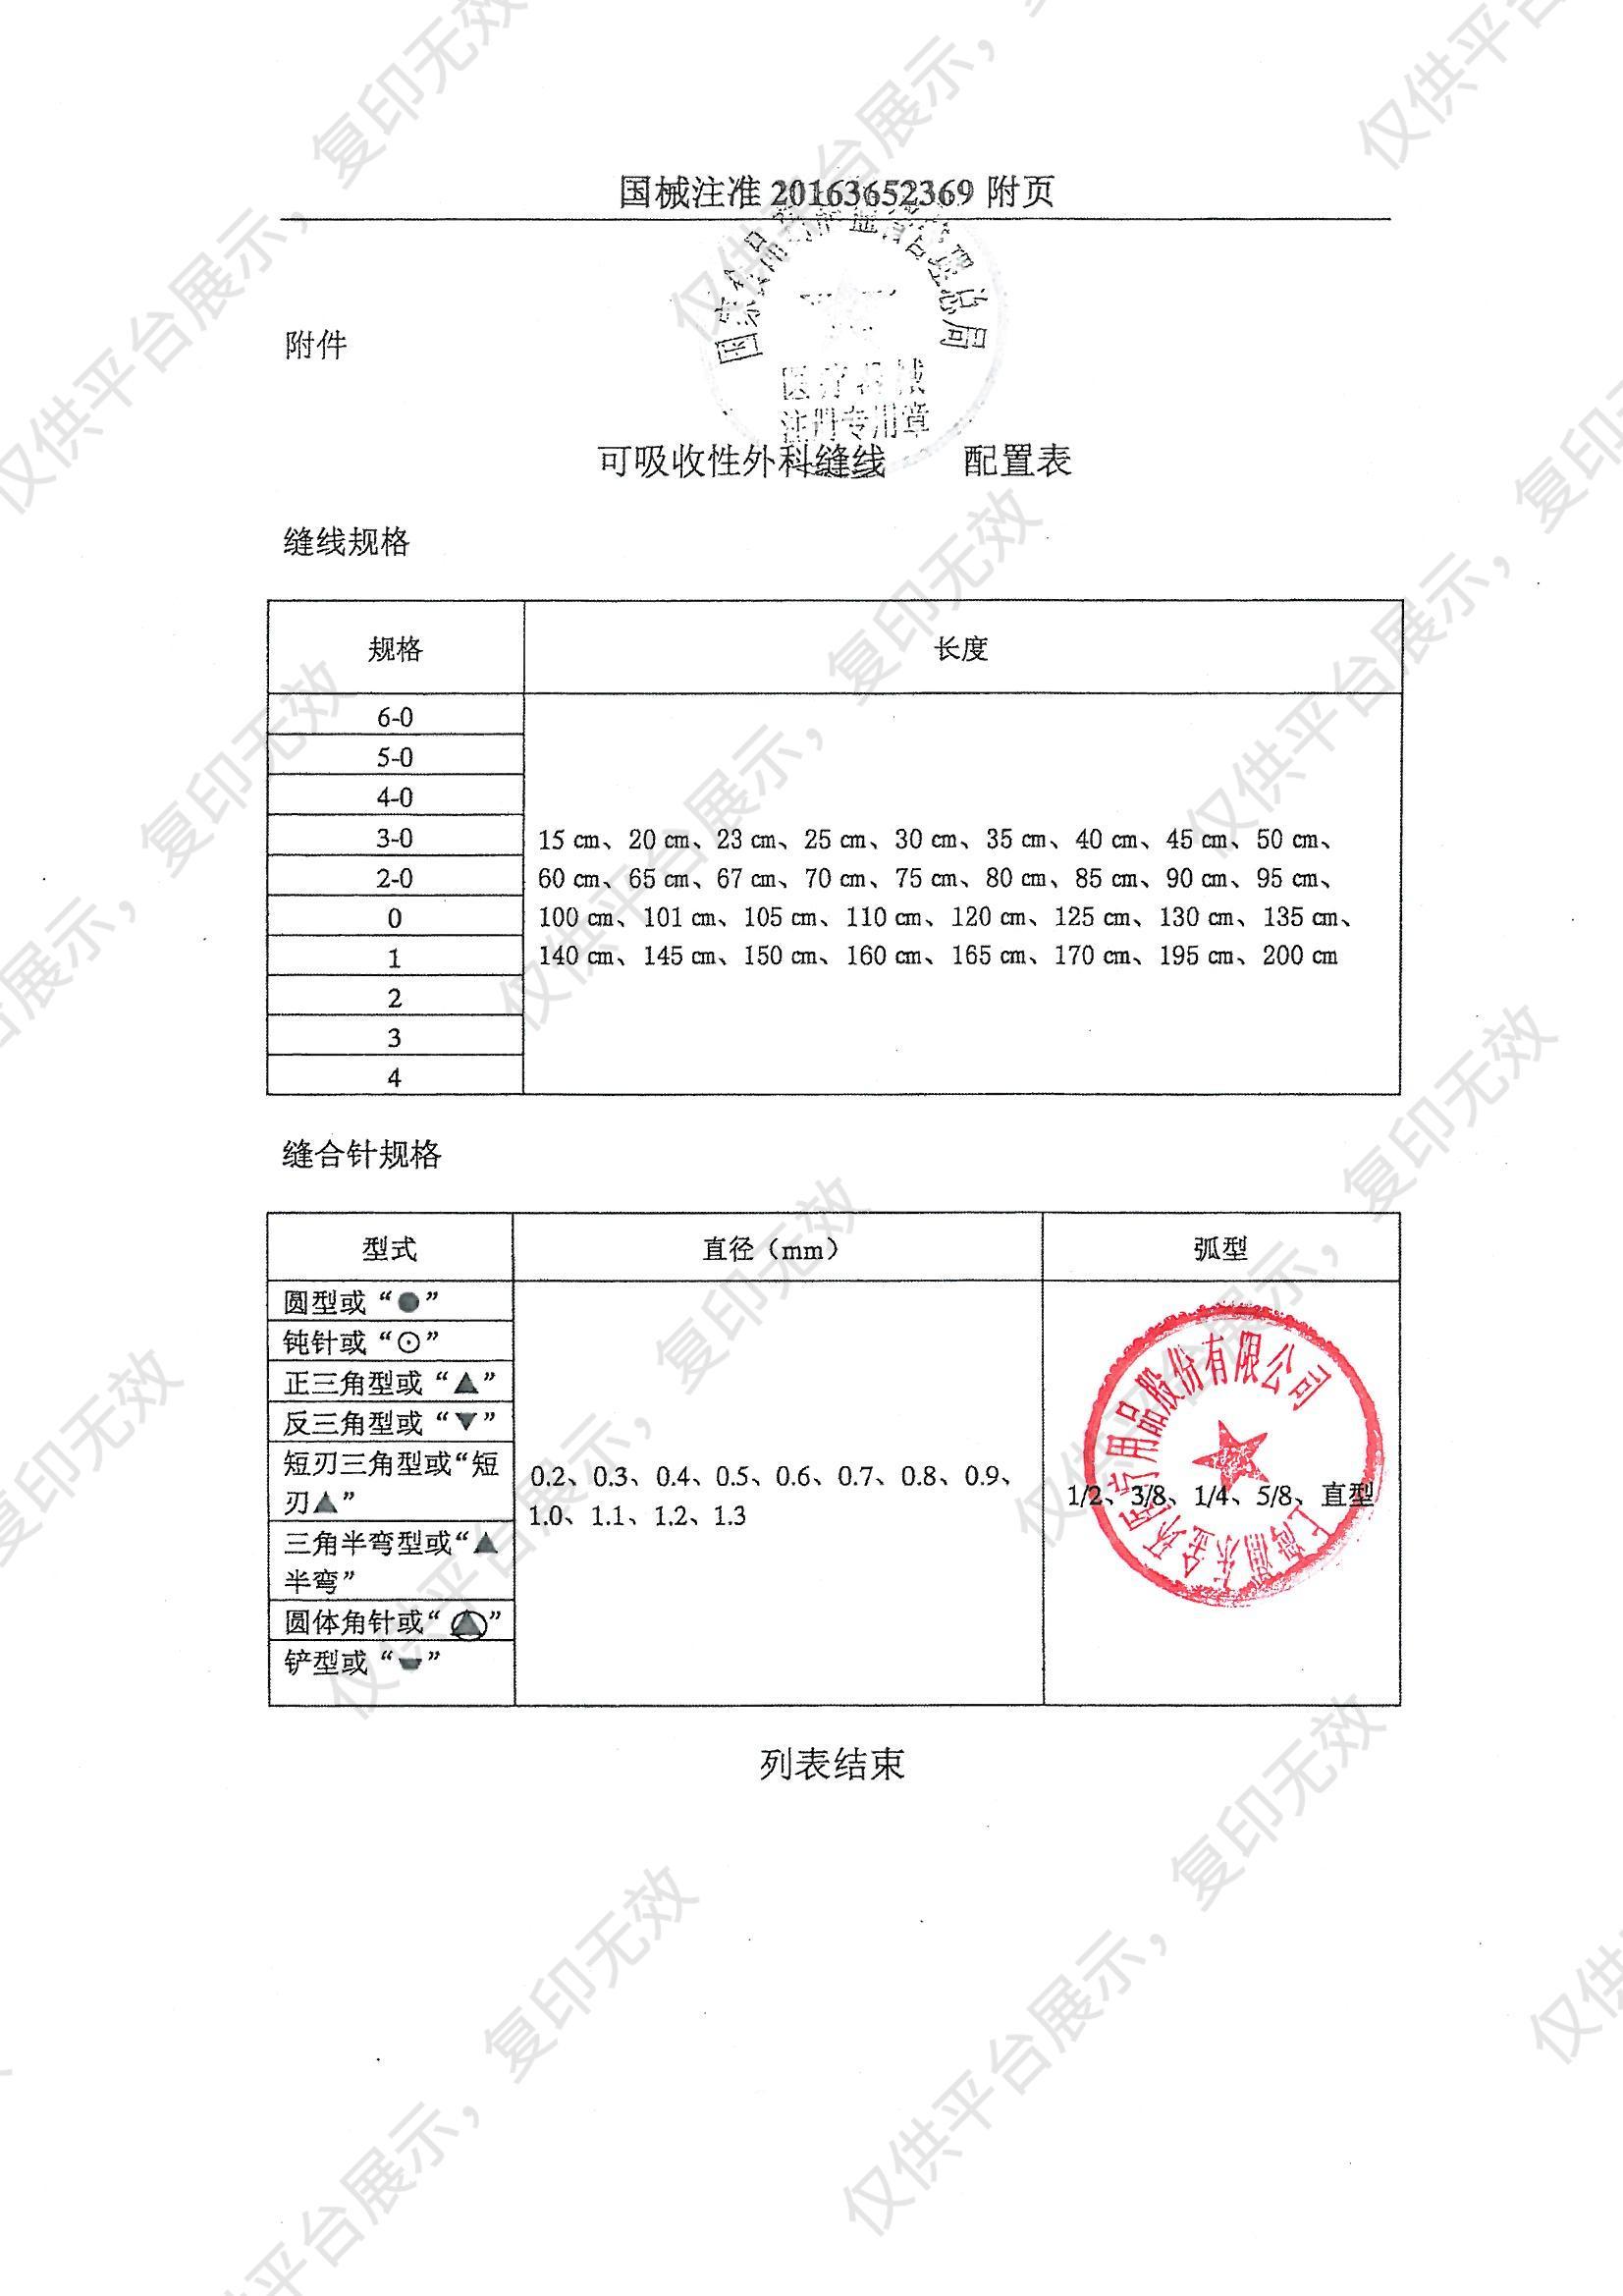 金环(Jinhuan) 可吸收性外科缝线 2-0 10*24 盒装(12包)注册证